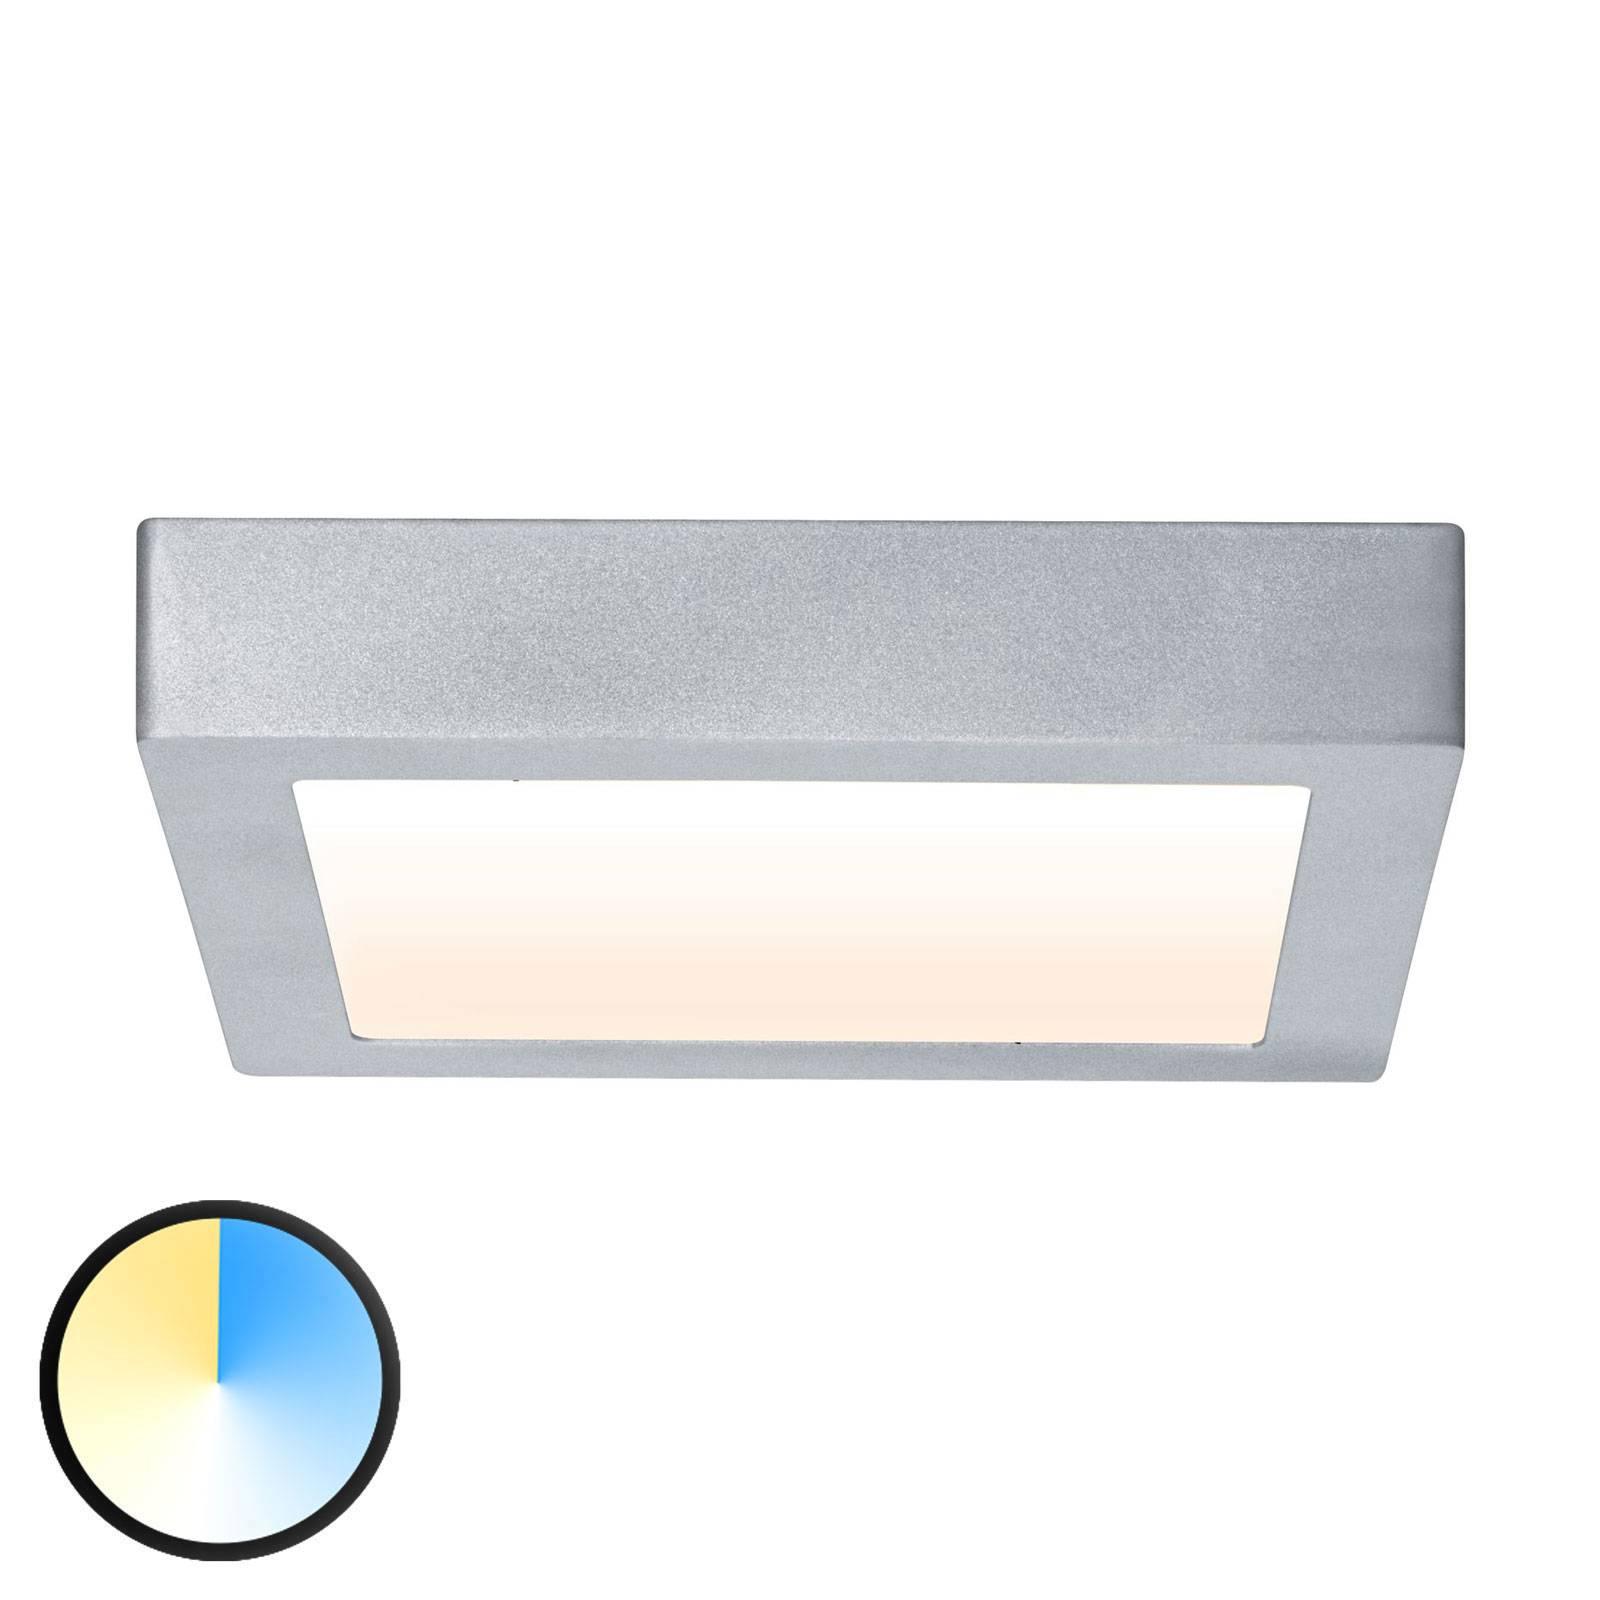 Paulmann Carpo LED plafondlamp chroom 22,5x22,5cm